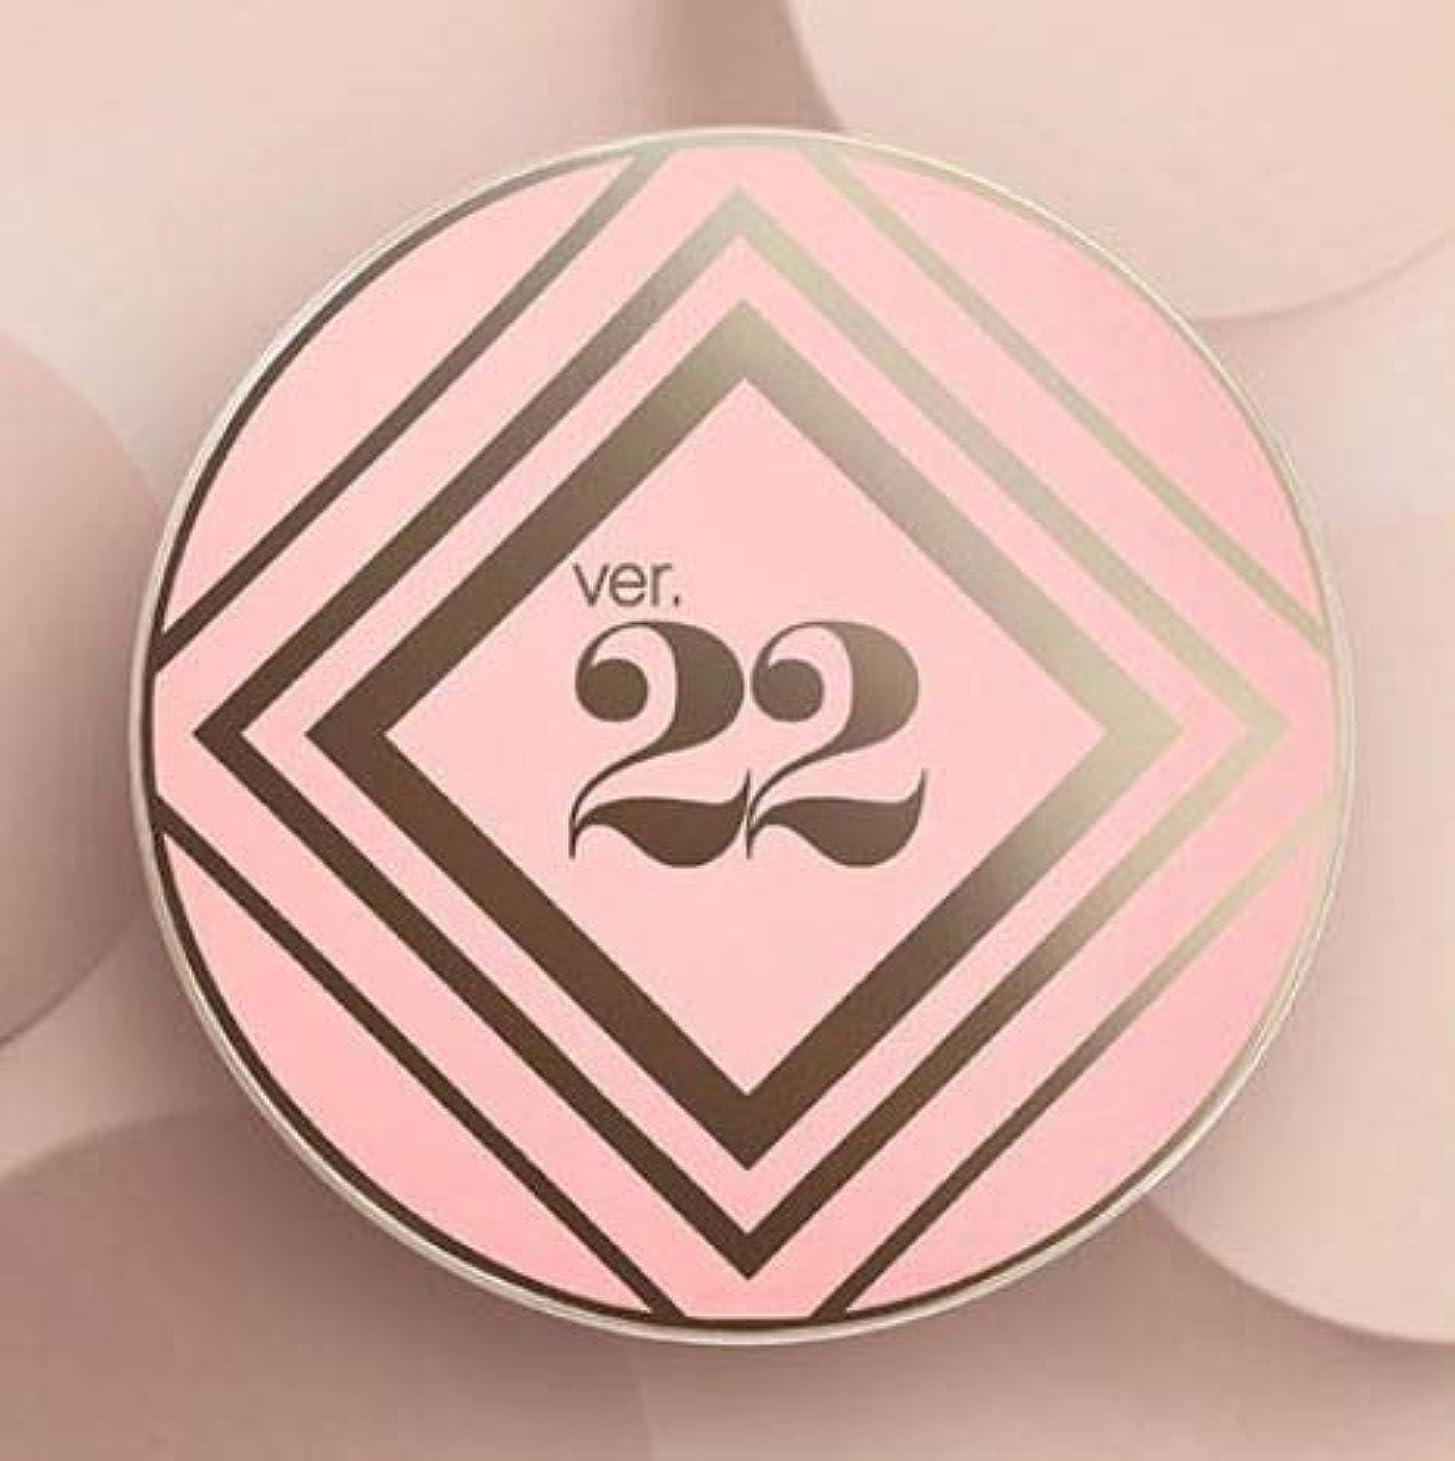 腹絶対に安全Ver.22 Chosungah C&T VVIG Cushion 25g SPF50+/PA++++ (1号ライトベージュ) [並行輸入品]